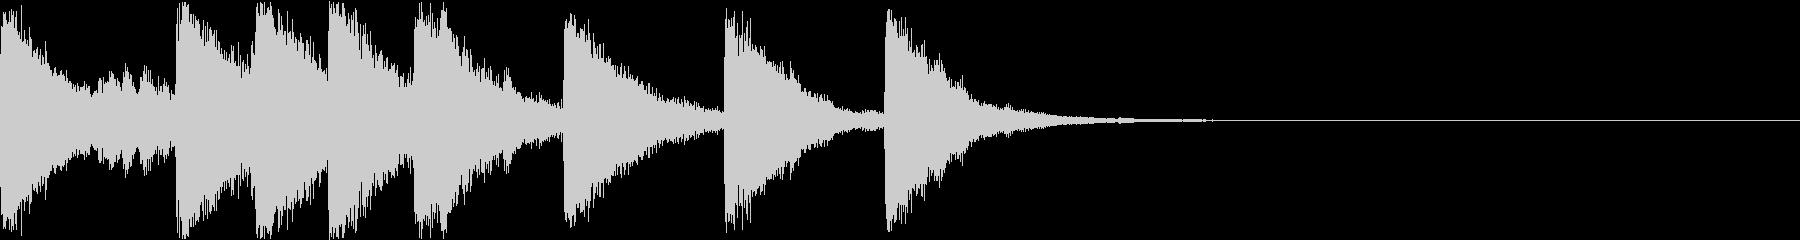 ベル ファンファーレ シンプル 01の未再生の波形